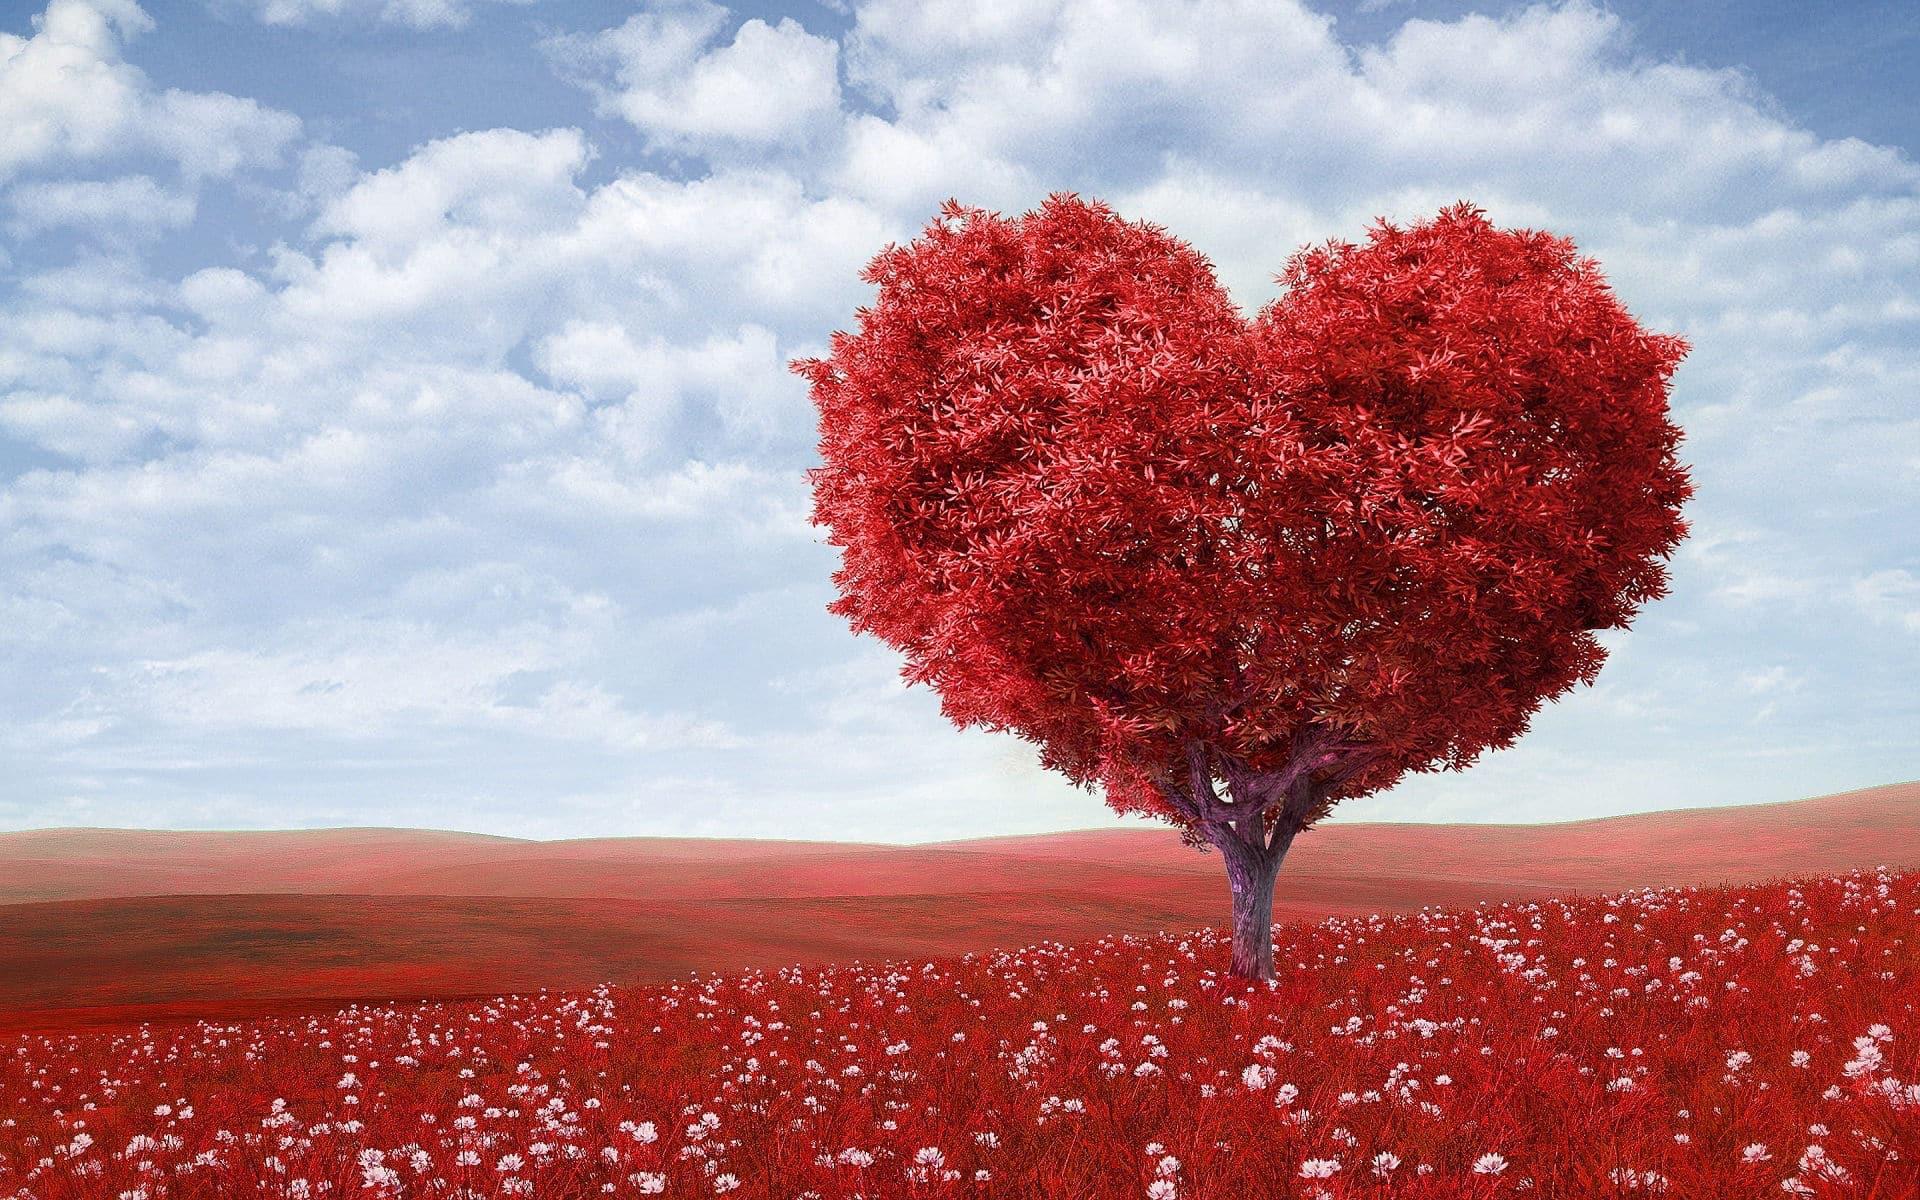 szívváltozás a magas vérnyomásból első fokú magas vérnyomás az